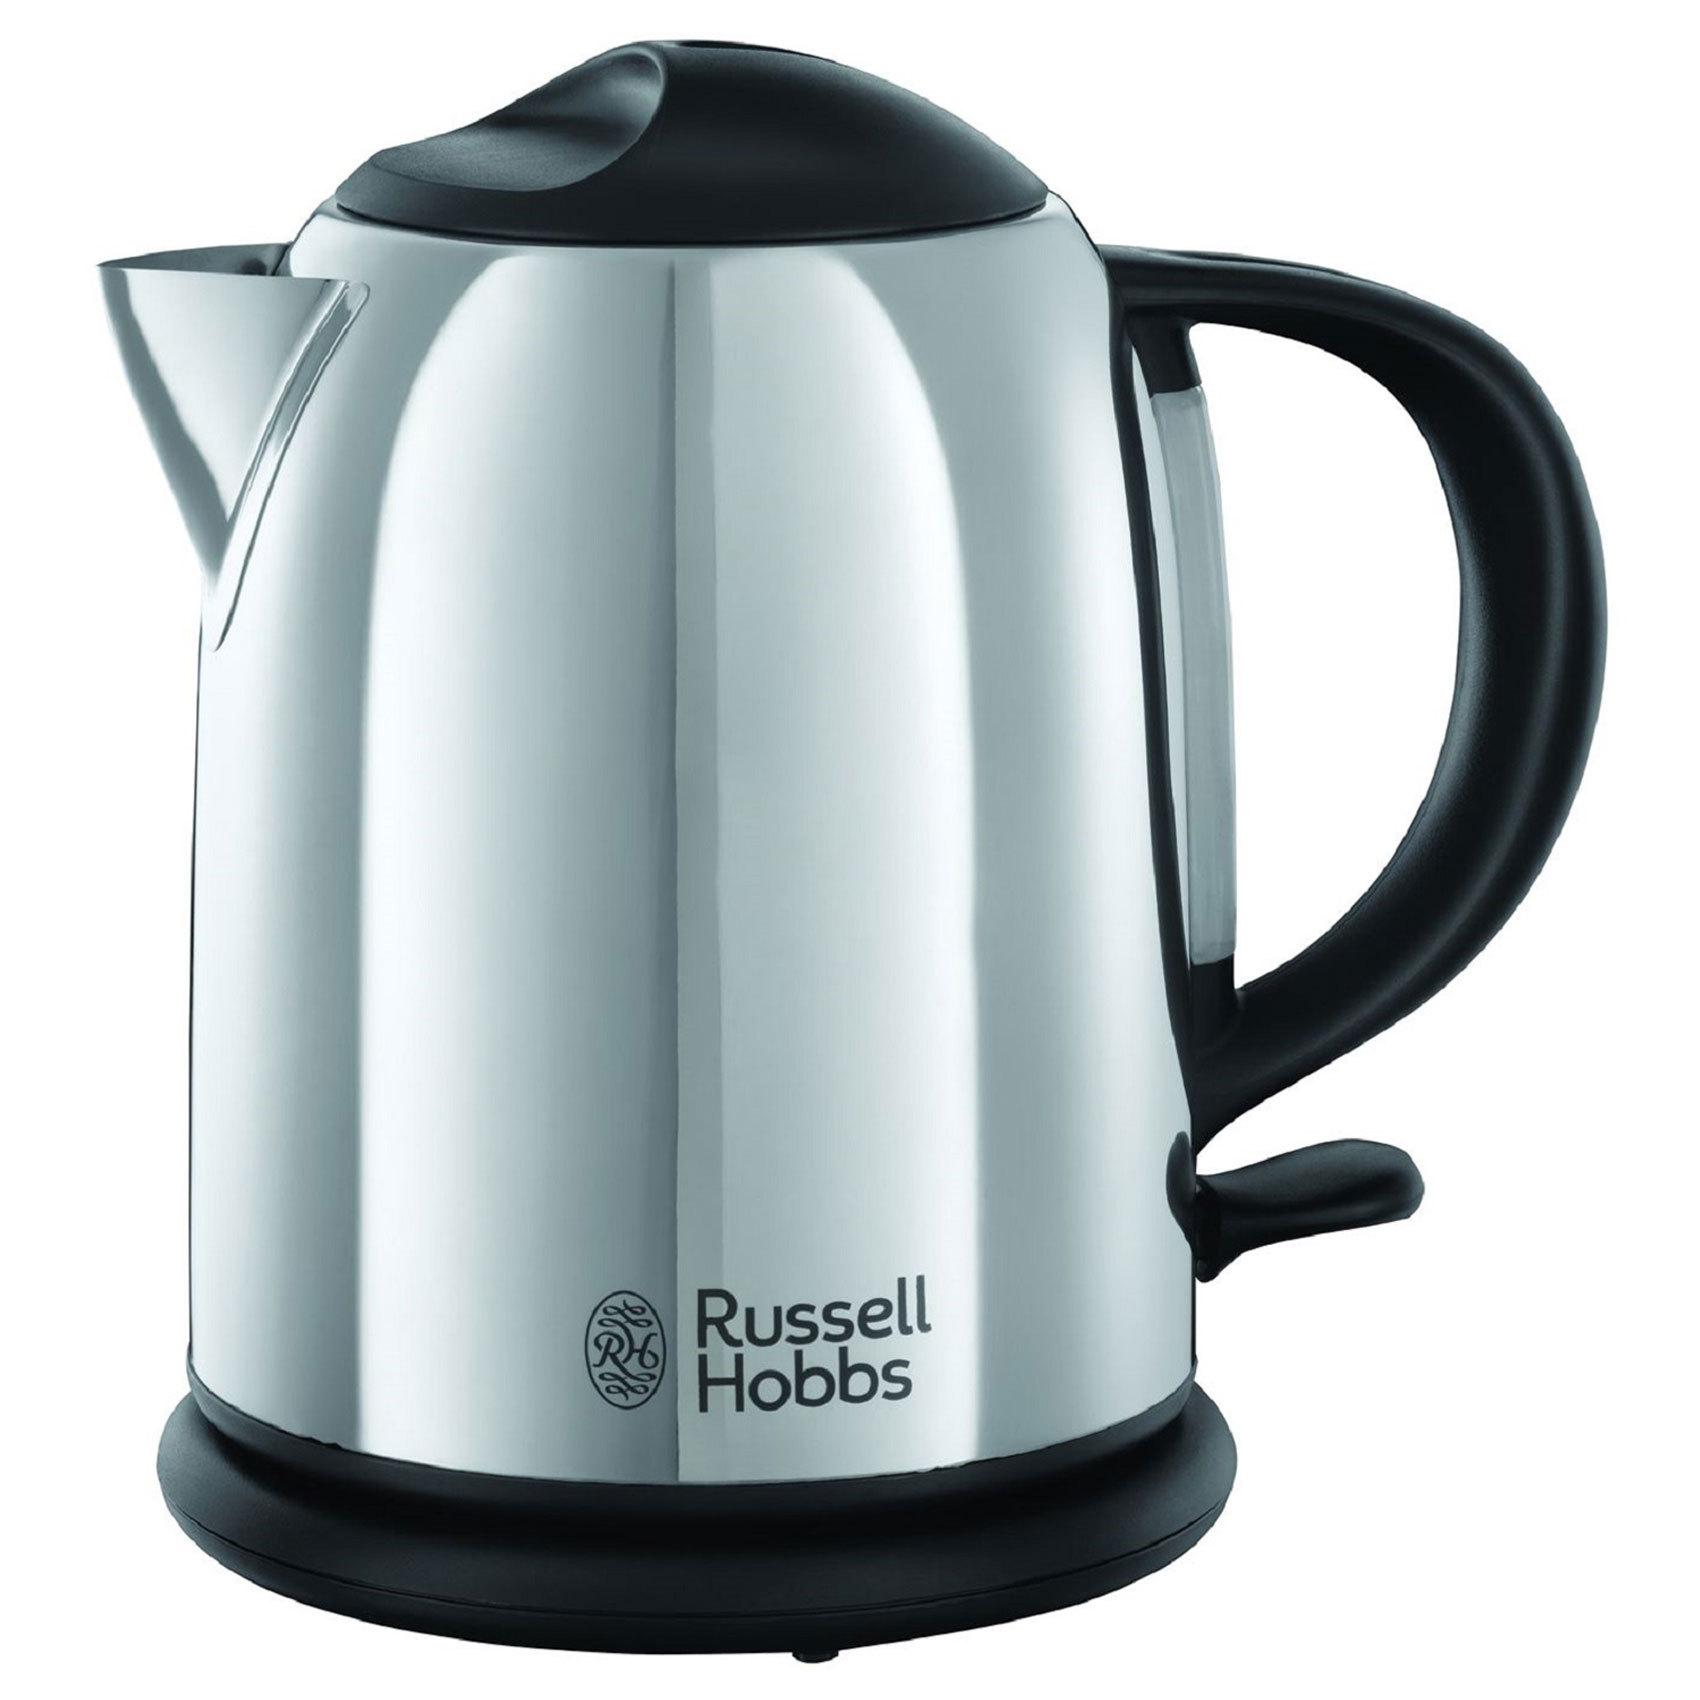 RUSSELL HOBBS KETTLE SS 20190